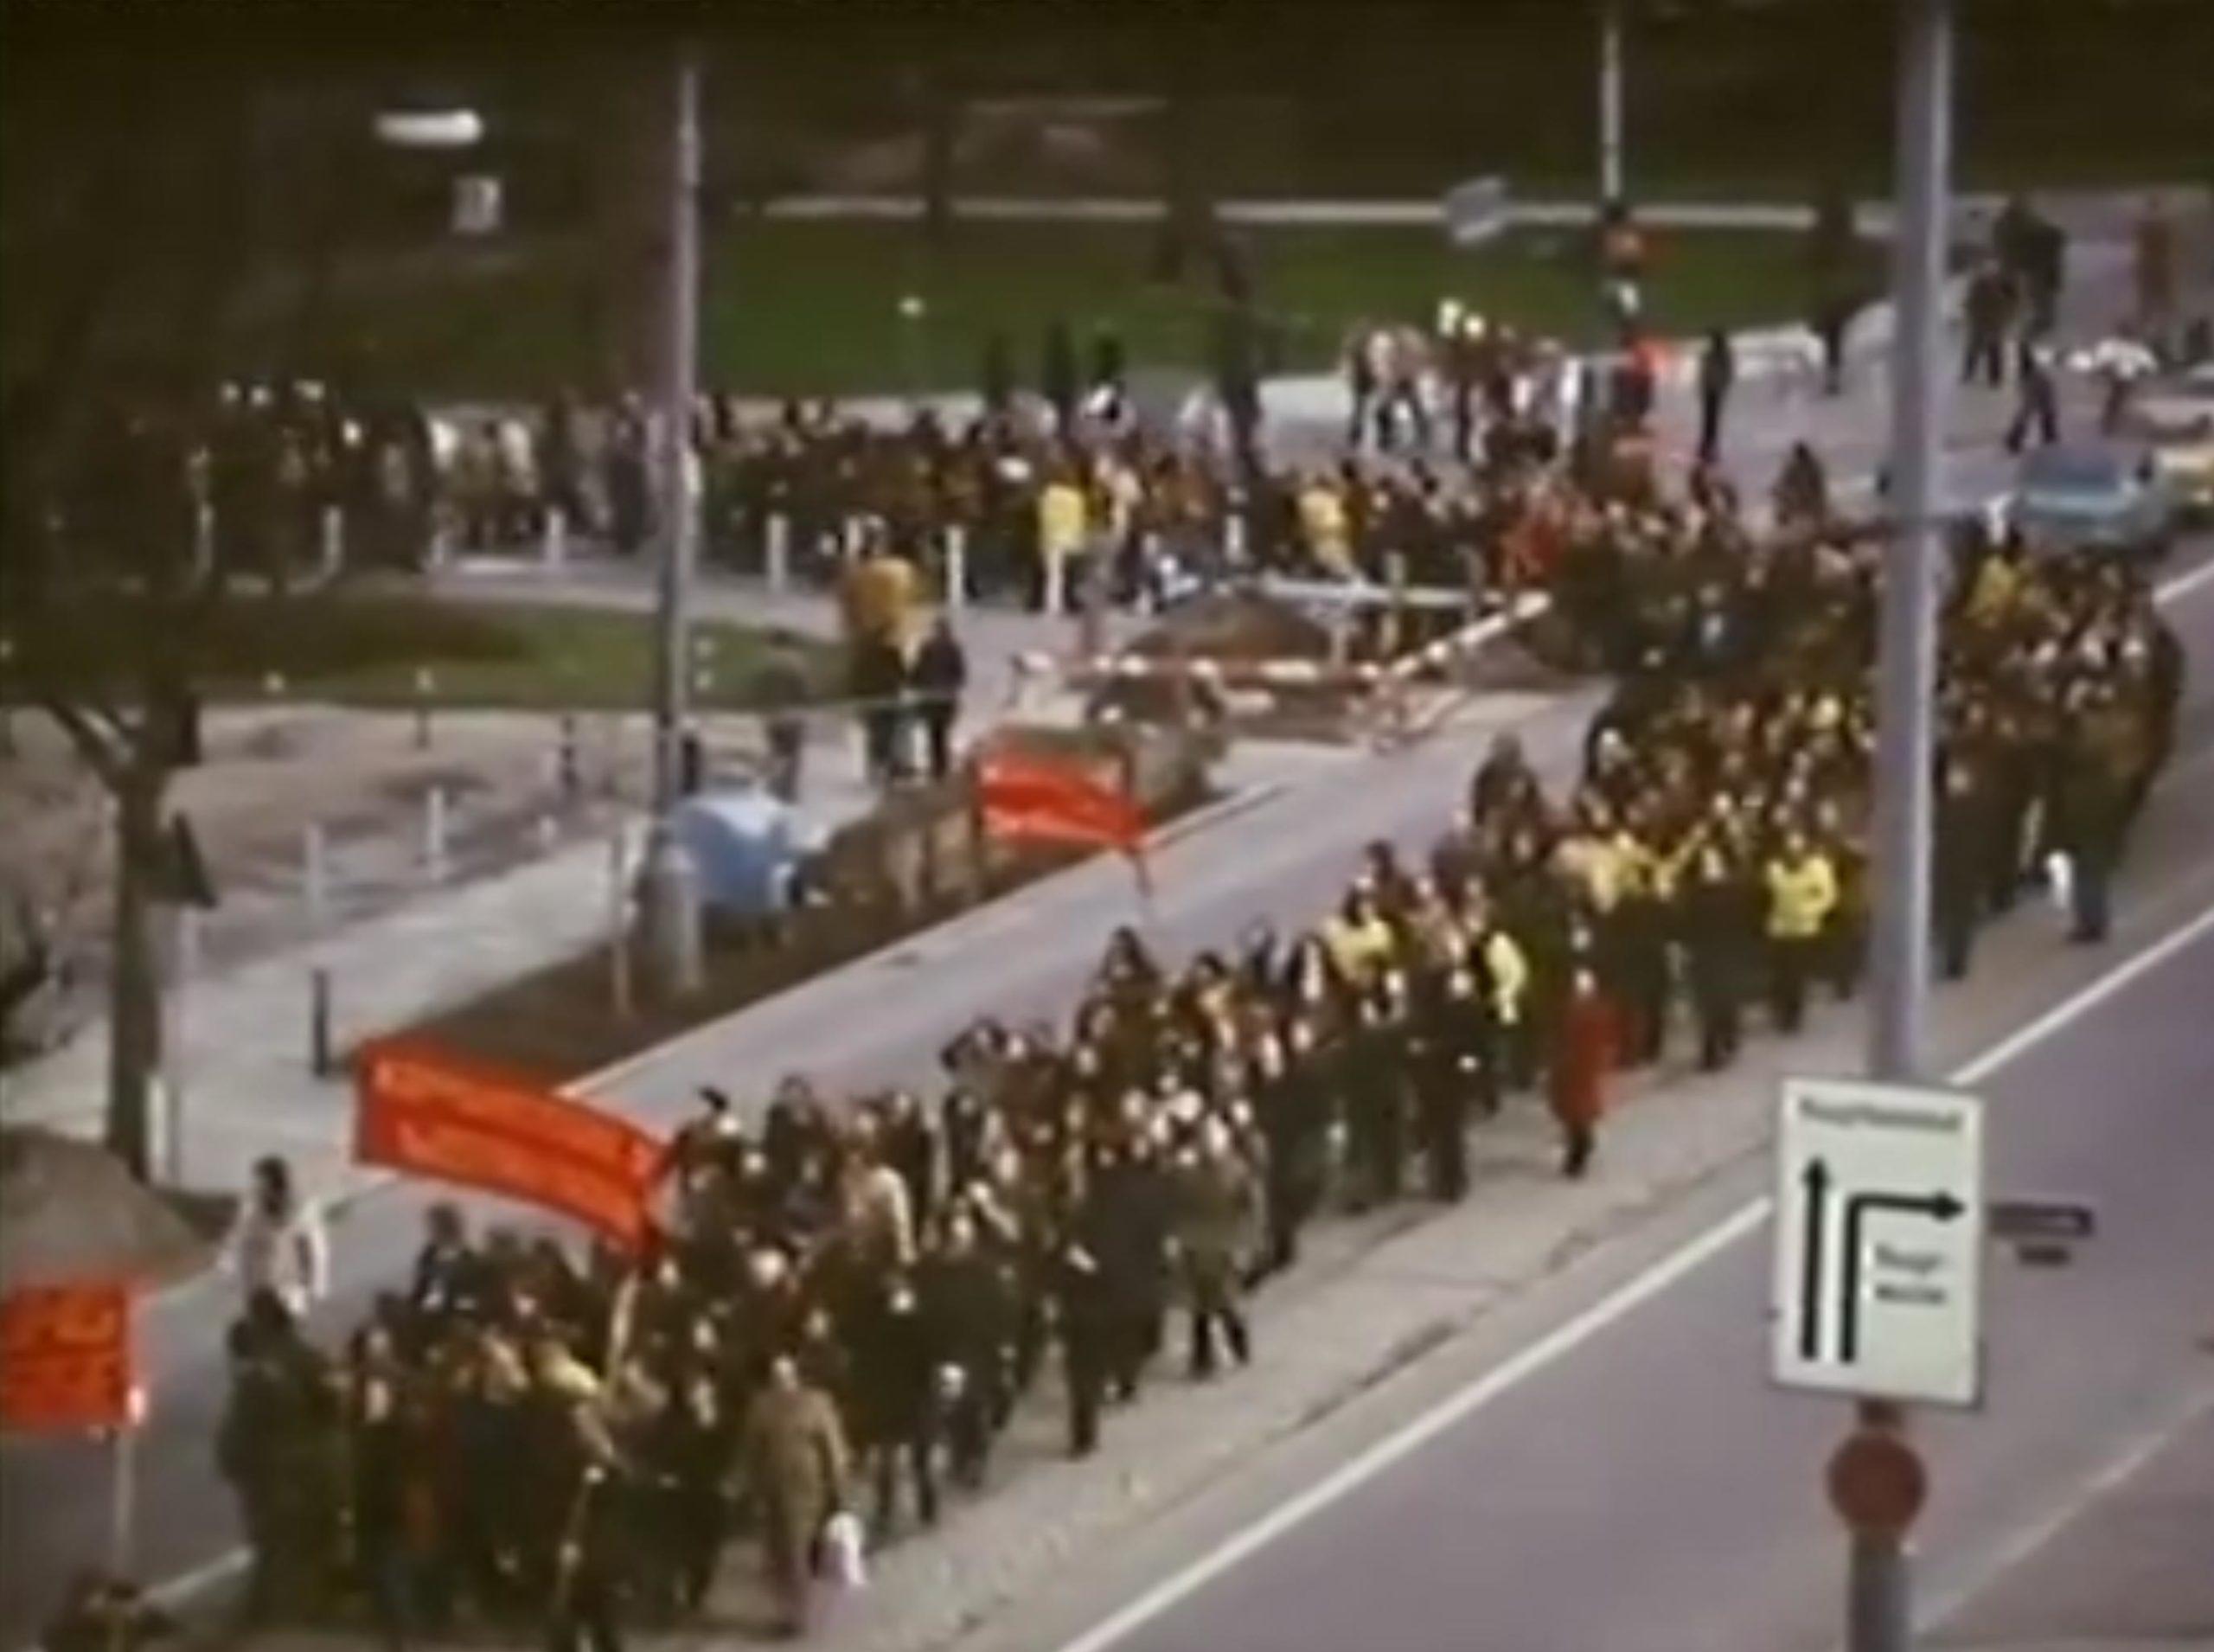 Frankfurter Häuserkampf - Friedliche Demonstration in Frankfurt 1974 gegen Wohnraumzerstörung